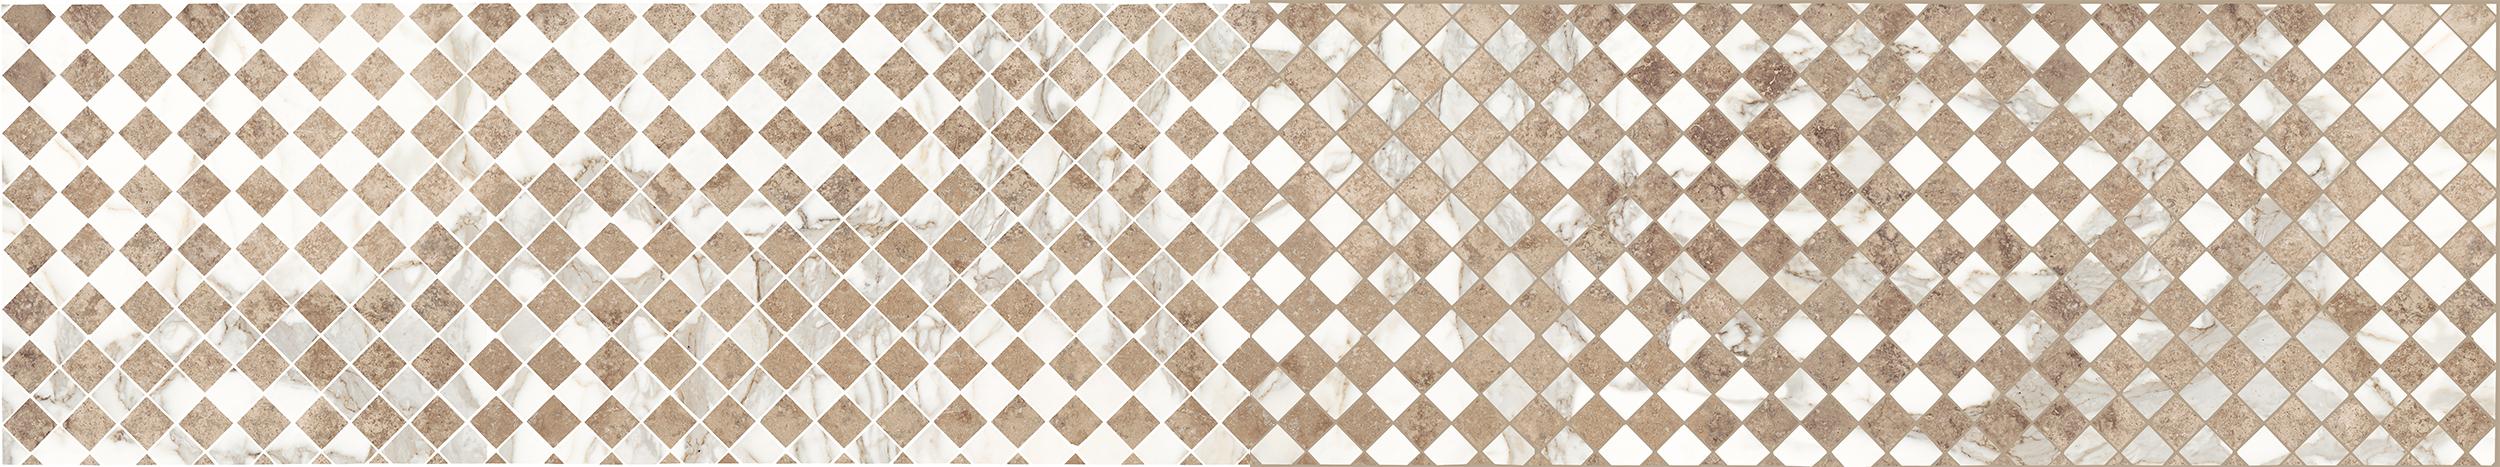 Beachnut, Calcutta Brown Checker_2x2's.jpg